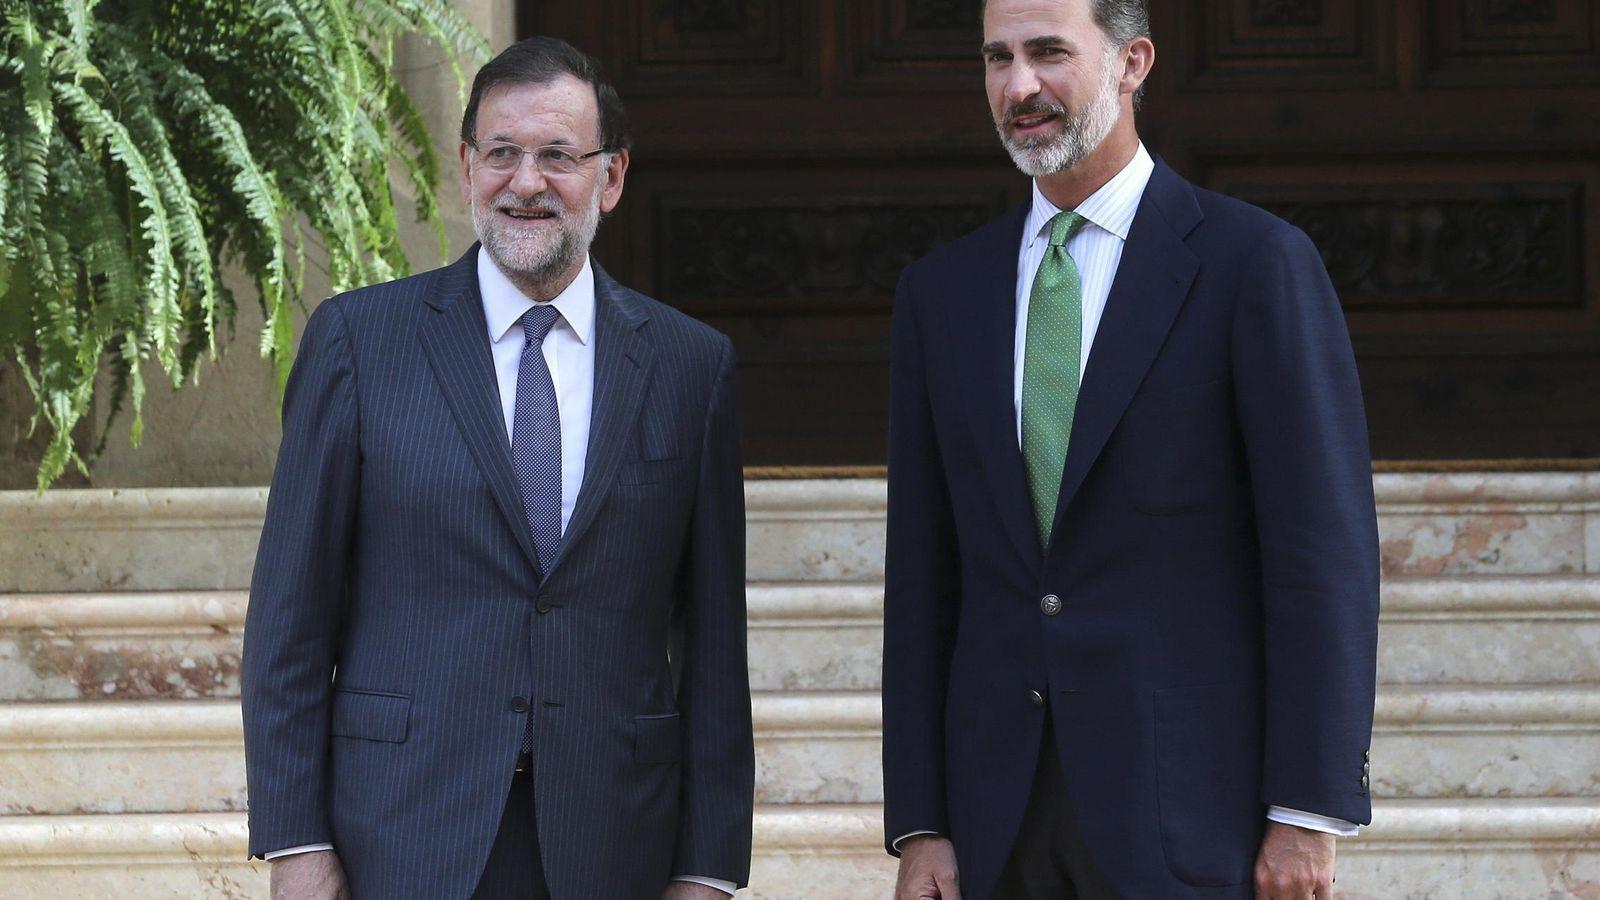 Foto: Mariano Rajoy y Felipe VI en el palacio de Marivent. (Efe)